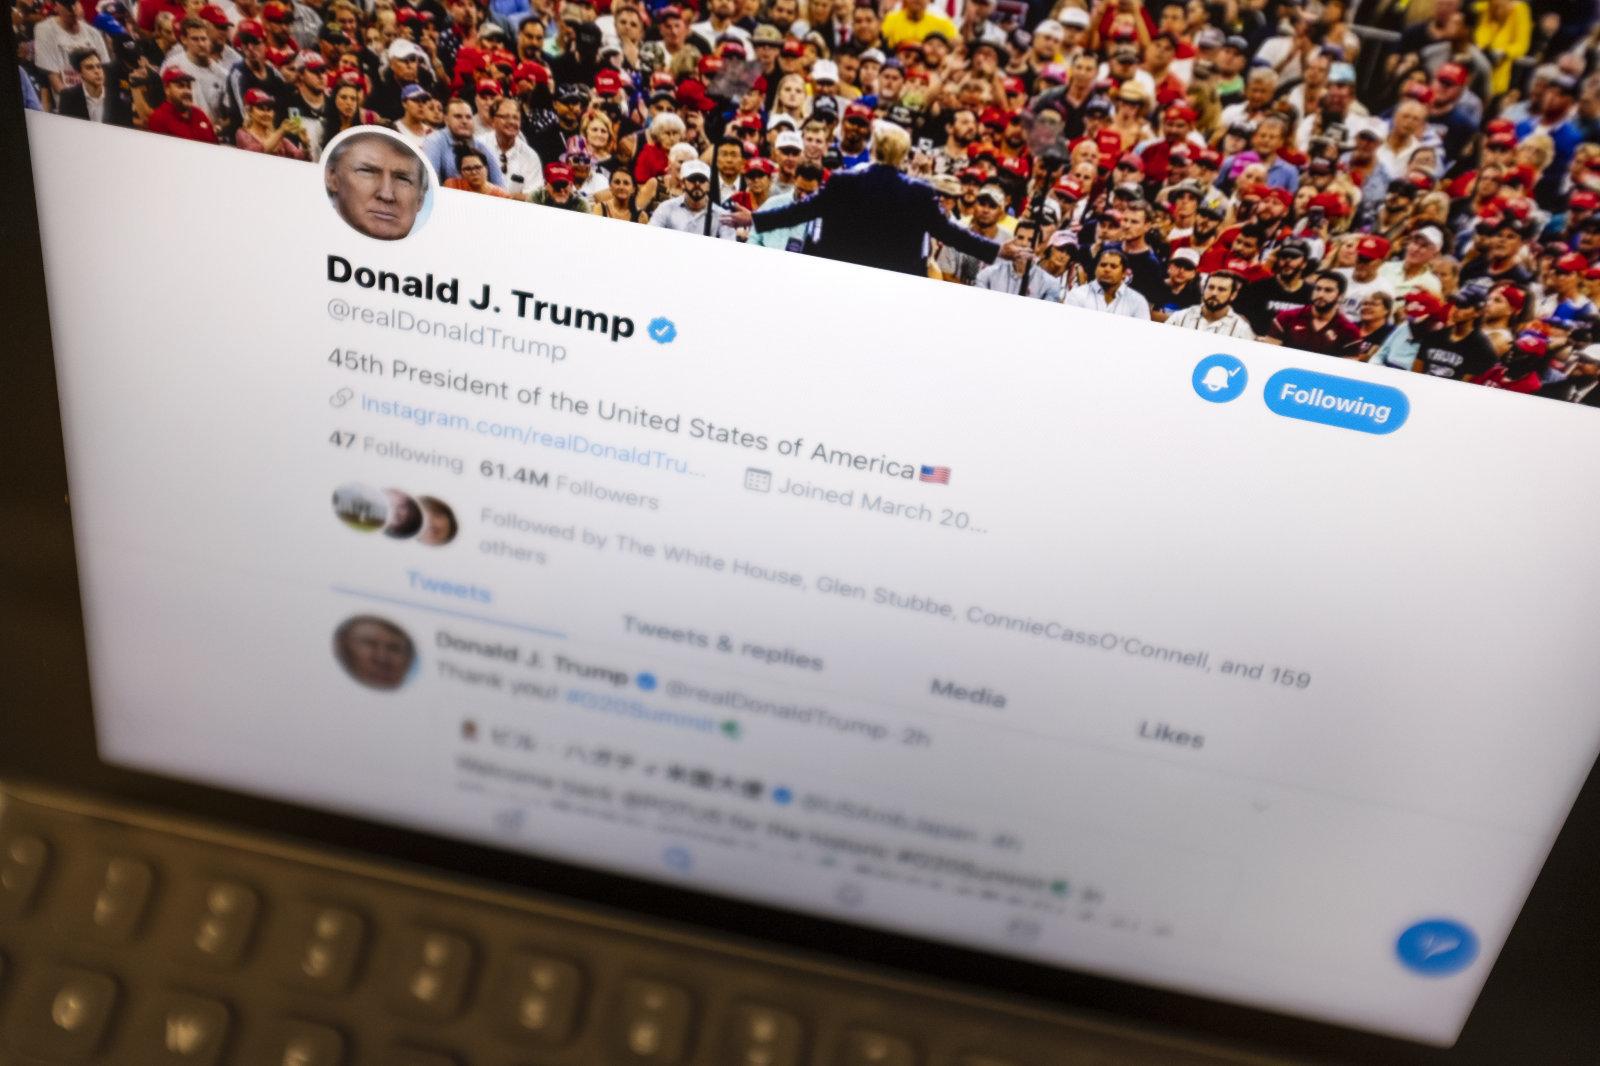 Donald Trump Twitter ezin izango ditu herritarrak blokeatu